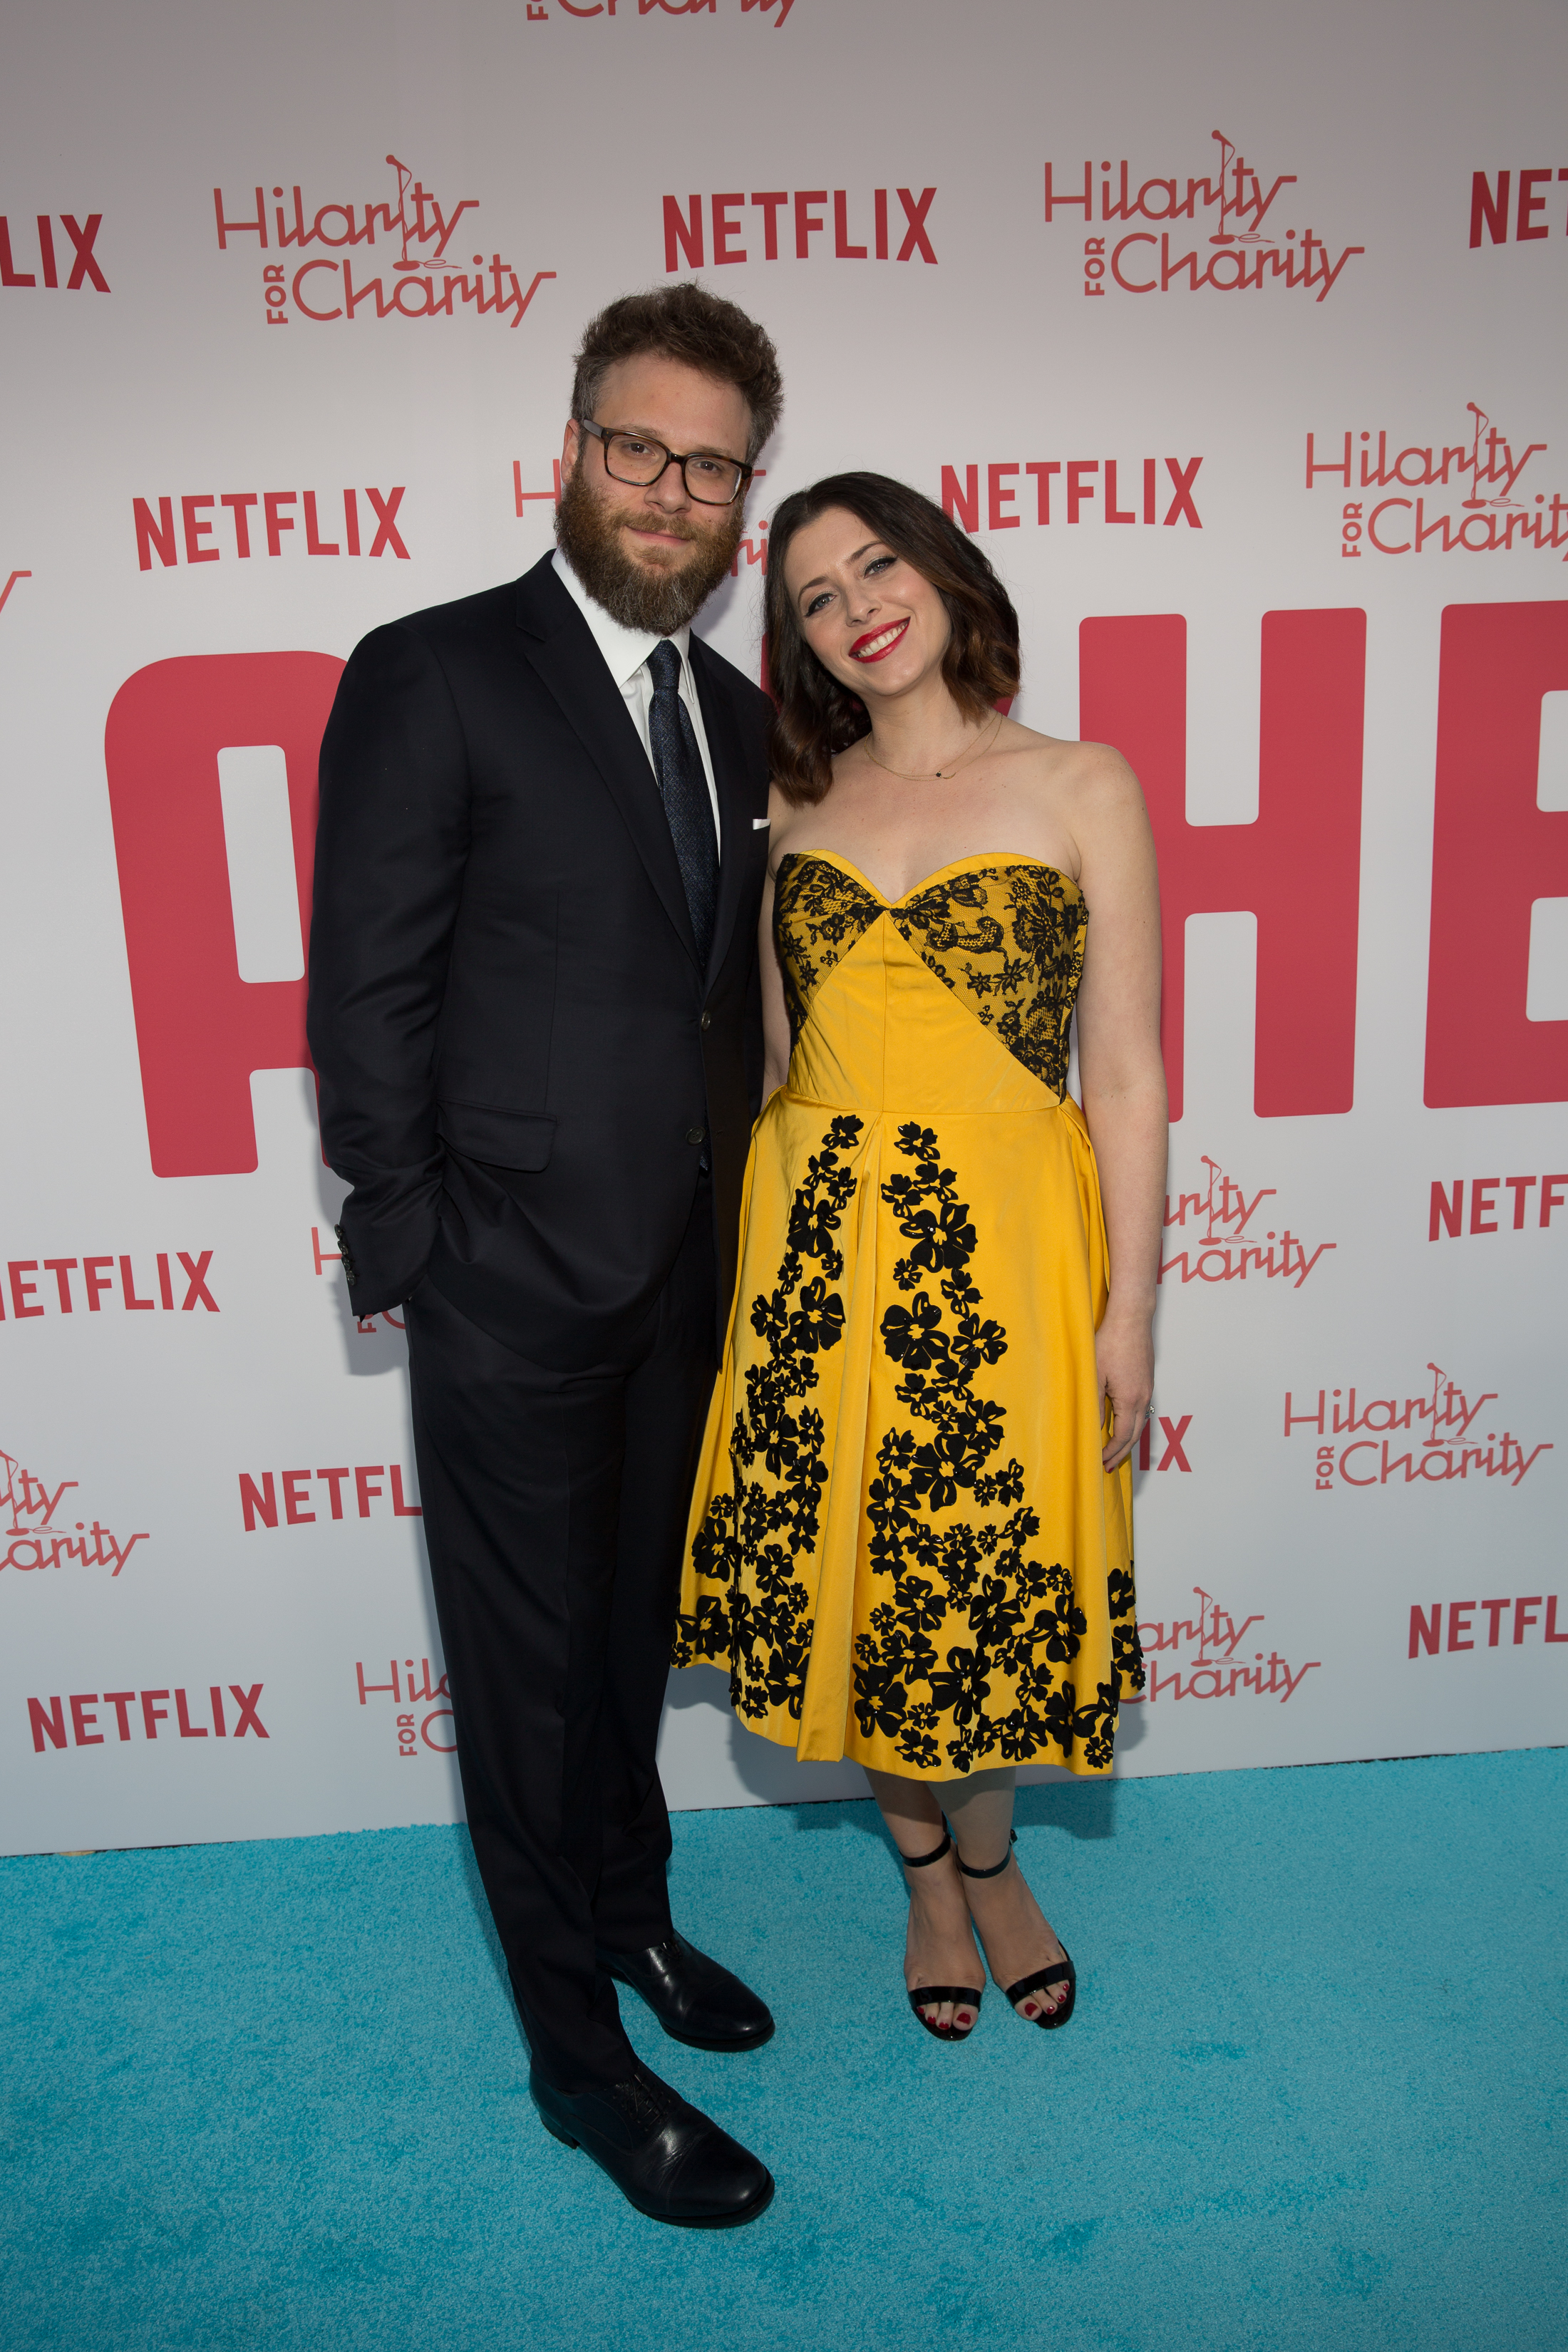 Seth and Lauren Rogen